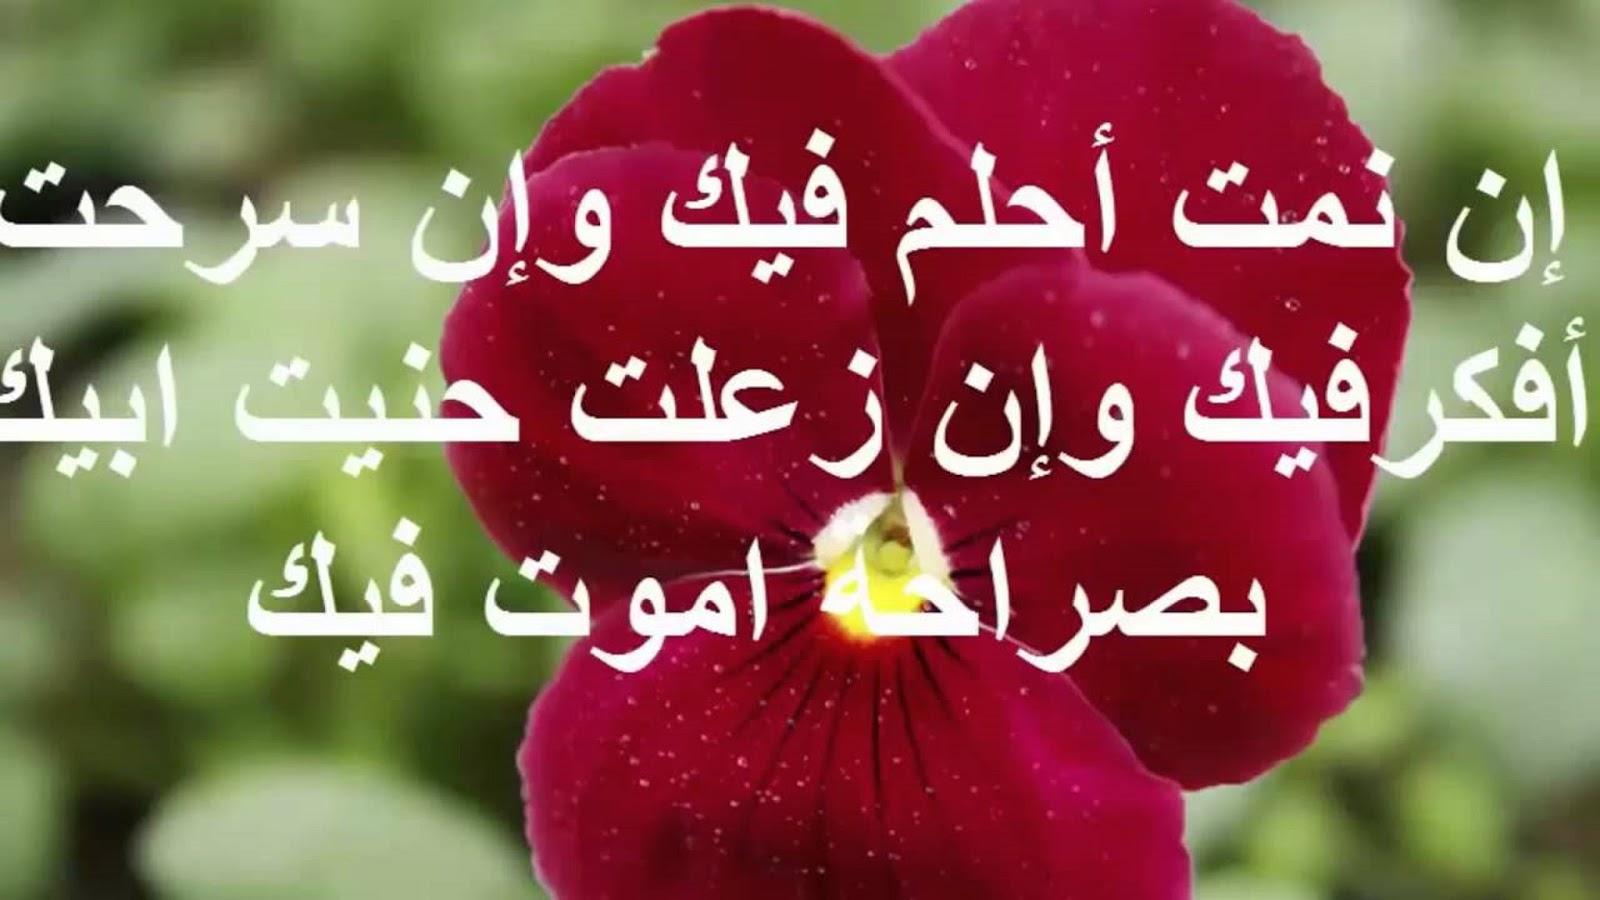 صورة رسائل حب للحبيب الغالي , اجمل رسالة حب للحبيب